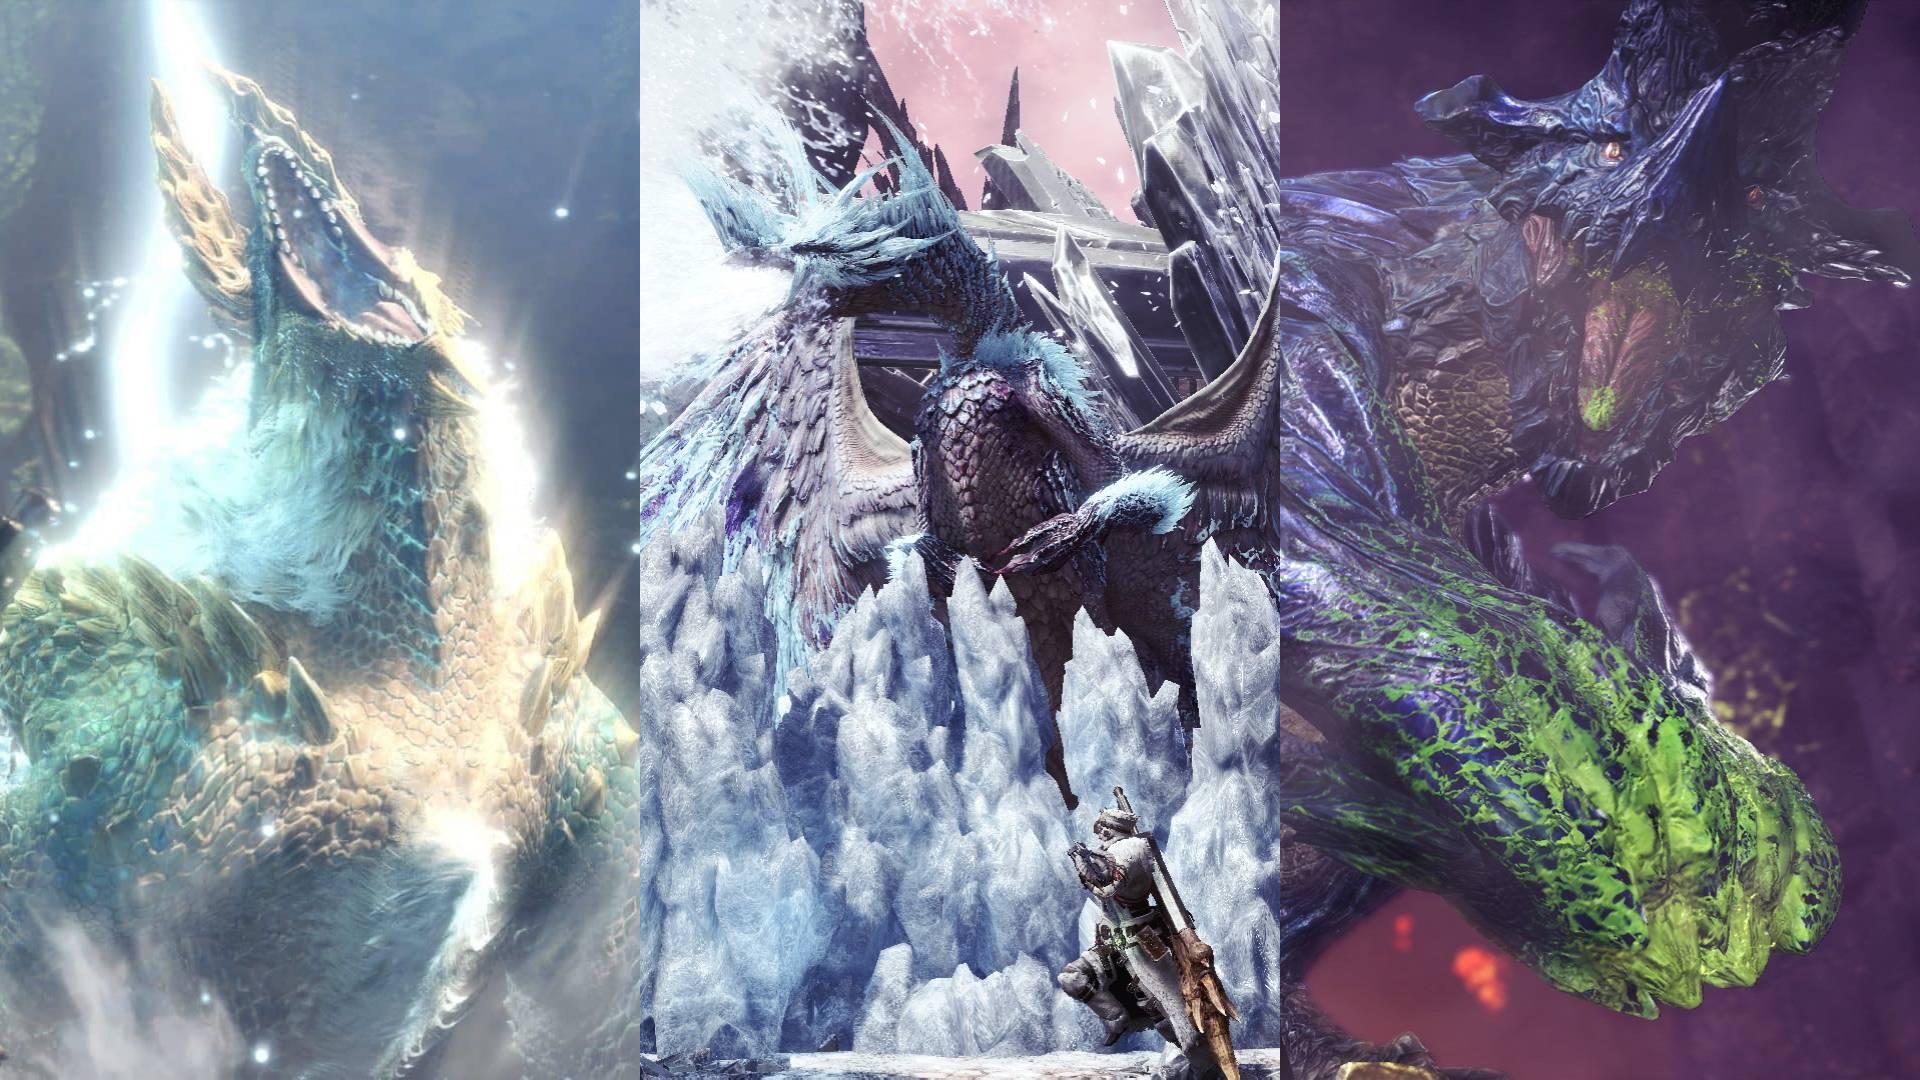 Every Monster In Monster Hunter World Iceborne Very rare shara ishvalda material. every monster in monster hunter world